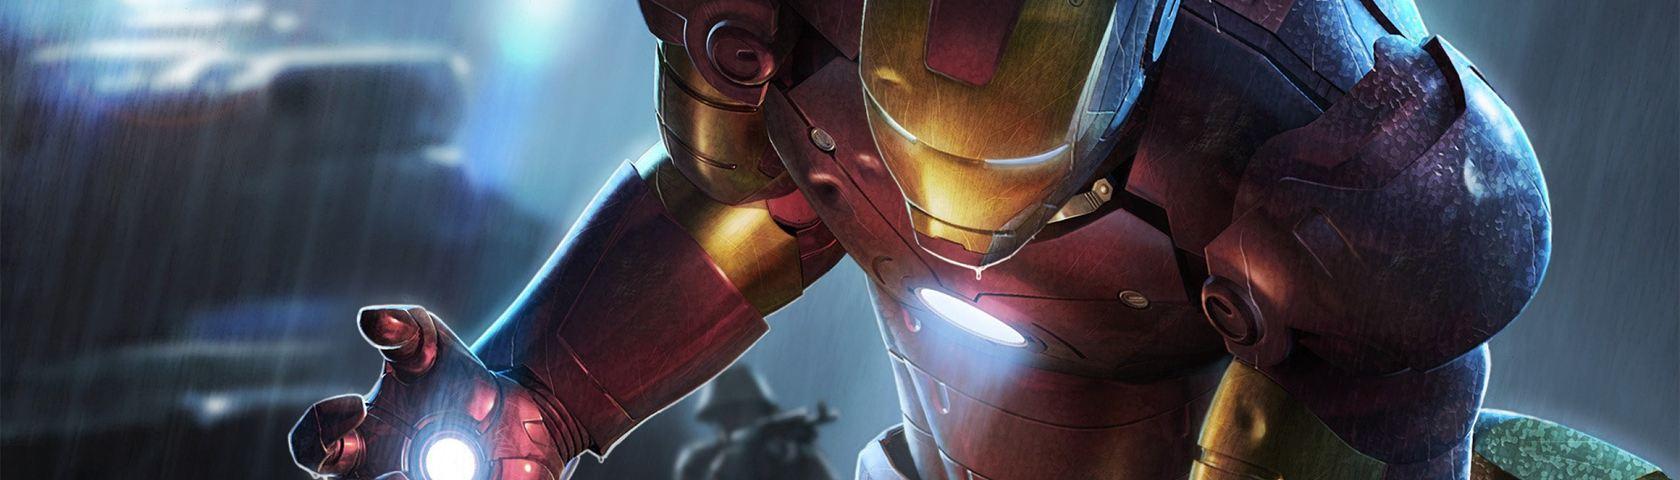 Iron Man Animation